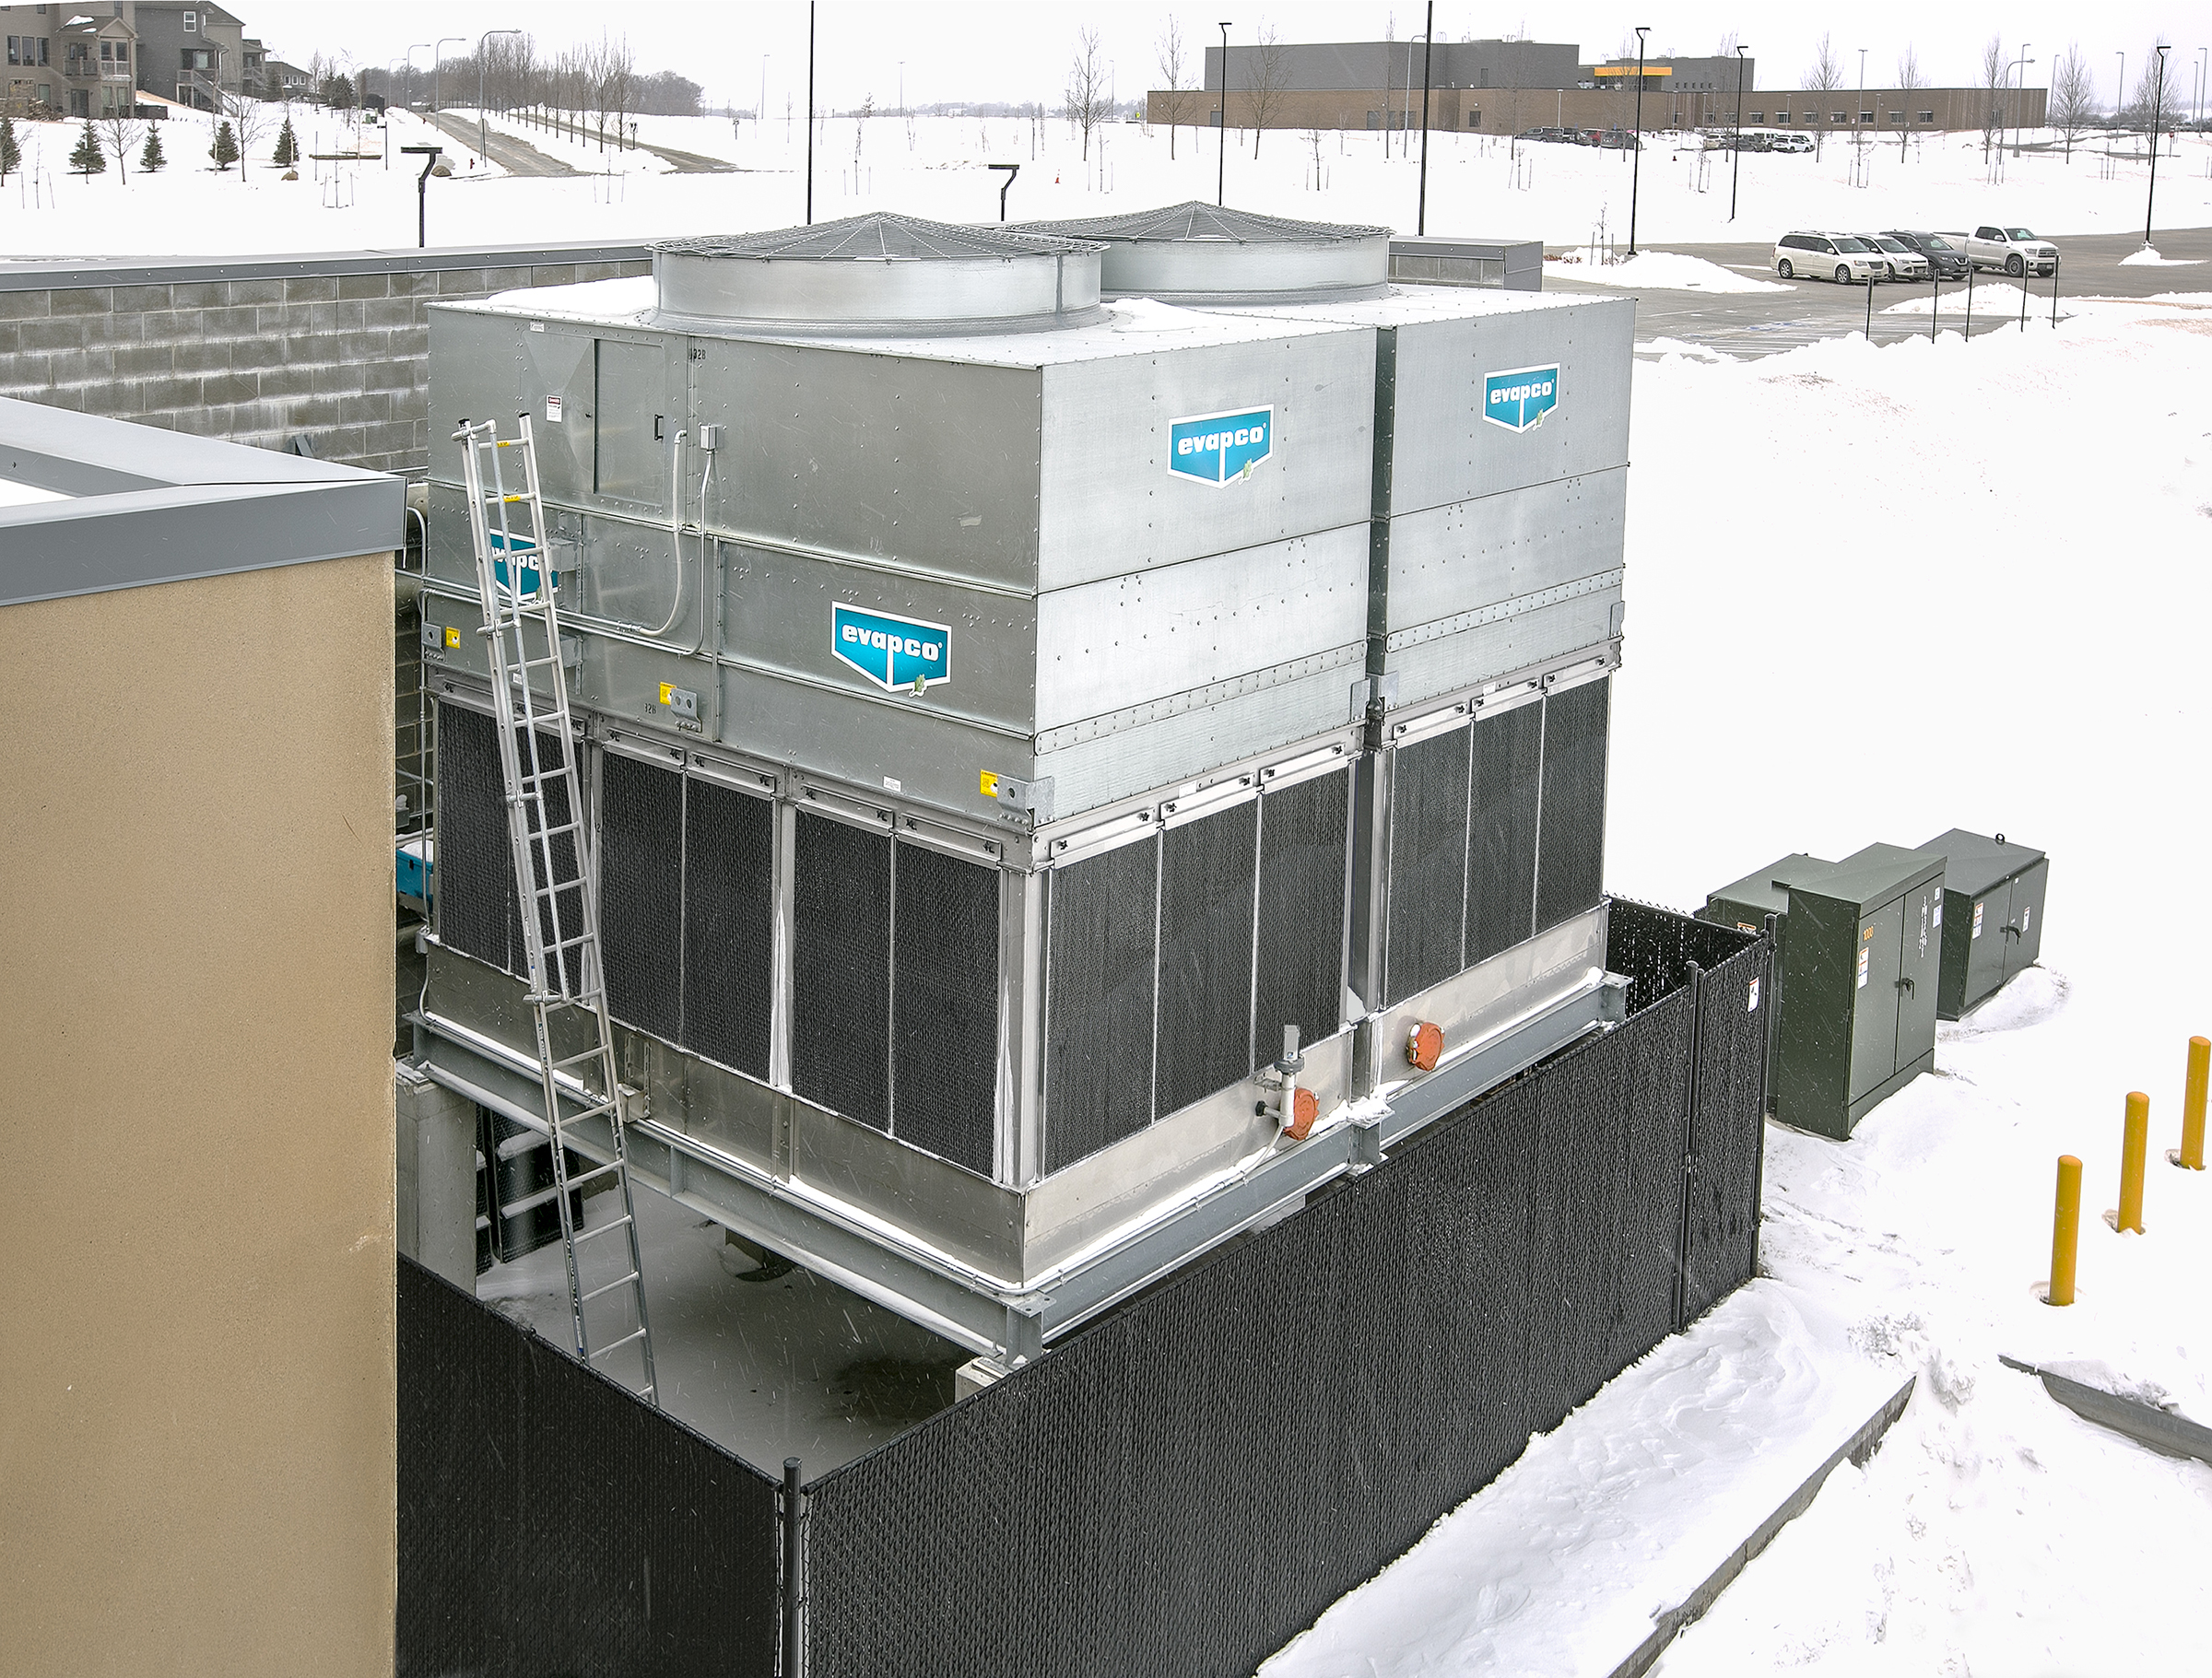 Evapco Closed Circuit Cooler in Built Environment magazine